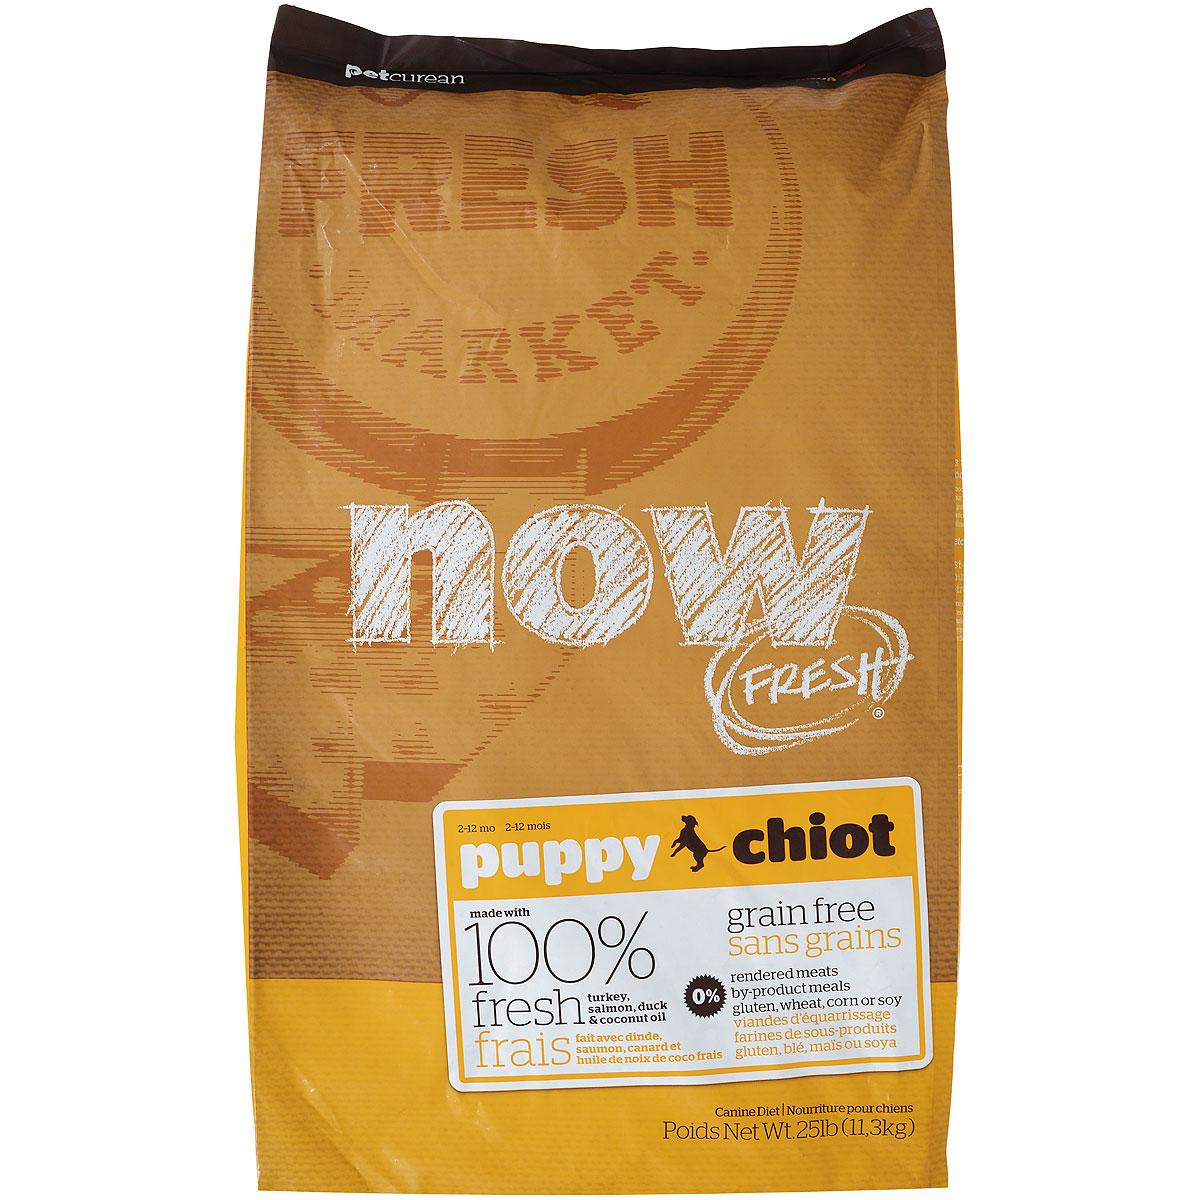 Корм сухой Now Fresh для щенков, беззерновой, с индейкой, уткой и овощами, 11,3 кг10111Now Fresh - полностью сбалансированный холистик корм для щенков всех пород из филе индейки, утки и лосося.Это первый беззерновой корм со сбалансированным содержание белков и жиров.Ключевые преимущества: - не содержит субпродуктов, красителей, говядины, мясных ингредиентов, выращенных на гормонах, - омега-масла в составе необходимы для здоровой кожи и шерсти, - пробиотики и пребиотики обеспечивают здоровое пищеварение, - антиоксиданты укрепляют иммунную систему. Состав: филе индейки, картофель, горох, свежие цельные яйца, томаты, масло канолы (источник витамина Е), семена льна, натуральный ароматизатор, филе лосося, утиное филе, кокосовое масло (источник витамина Е), яблоки, морковь, тыква, бананы, черника, клюква, малина, ежевика, папайя, ананас, грейпфрут, чечевица, брокколи, шпинат, творог, ростки люцерны, дикальций фосфат, люцерна, карбонат кальция, фосфорная кислота, натрия хлорид, лецитин, хлорид калия, DL-метионин, таурин, витамины (витамин Е, L-аскорбил-2-полифосфатов (источник витамина С), никотиновая кислота, инозит, витамин А, тиамин, амононитрат, пантотенат D-кальция, пиридоксинагидрохлорид, рибофлавин, бета-каротин, витамин D3, фолиевая кислота, биотин, витаминВ12), минералы (протеинат цинка, сульфат железа, оксид цинка, протеинат железа, сульфат меди, протеинат меди, протеинат марганца, оксид марганца, йодат кальция, селенит натрия), сушеные водоросли, L-лизин, сухой корень цикория, Lactobacillus, Enterococcusfaecium, Aspergillus, экстракт Юкки Шидигера, L-карнитин, ноготки, сушеный розмарин. Гарантированный анализ: белки - 28%, жиры - 18%, клетчатка - 3%, влажность - 10%, кальций - 1,2%, фосфор - 0,8%, докозагексаеновая кислота (DHA) - 0,02%, эйкозапентаеновая кислота (EPA) - 0,02%, жирные кислоты Омега 6 - 2,7%, жирные кислоты Омега 3 - 0,54%, лактобактерии (Lactobacillus acidophilus, Enterococcus faecium) - 90000000 cfu/lb. Калорийность: 3746 ккал/кг.Вес: 11,3 кг.Т